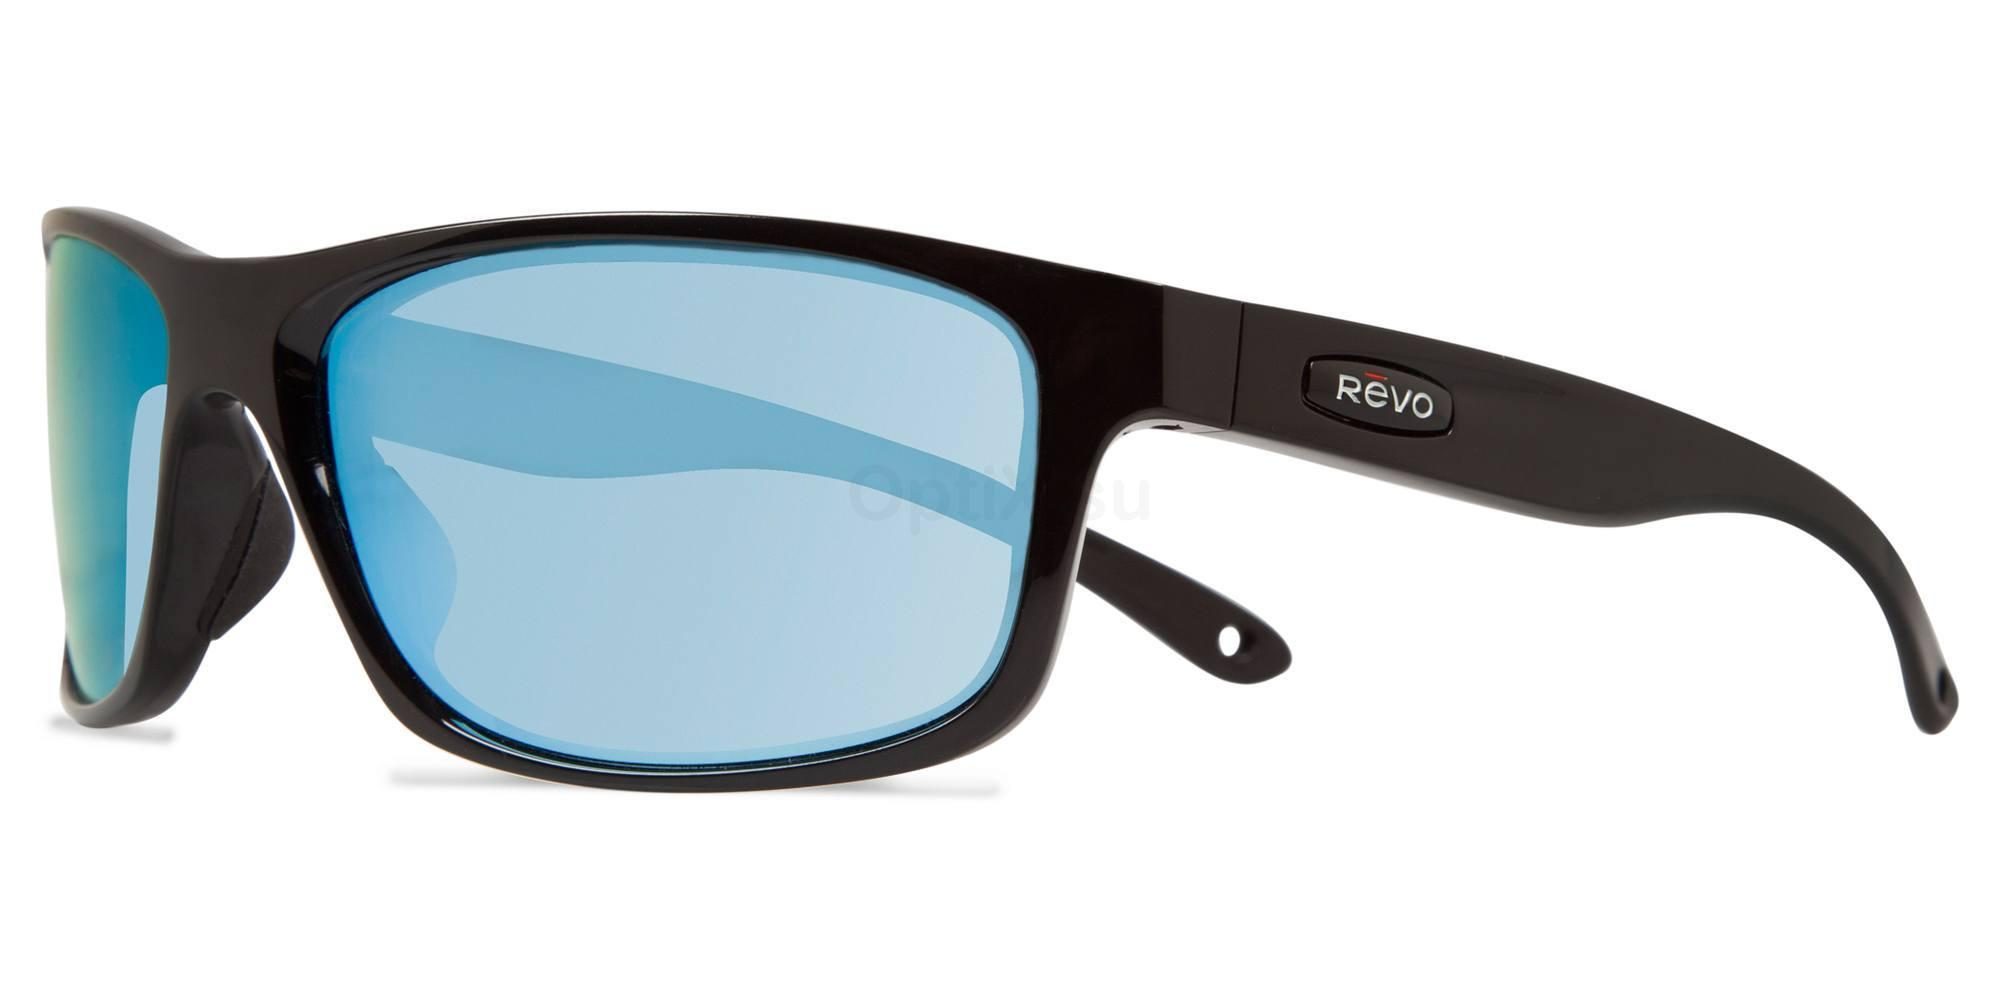 01BL Harness - 354071 Sunglasses, Revo